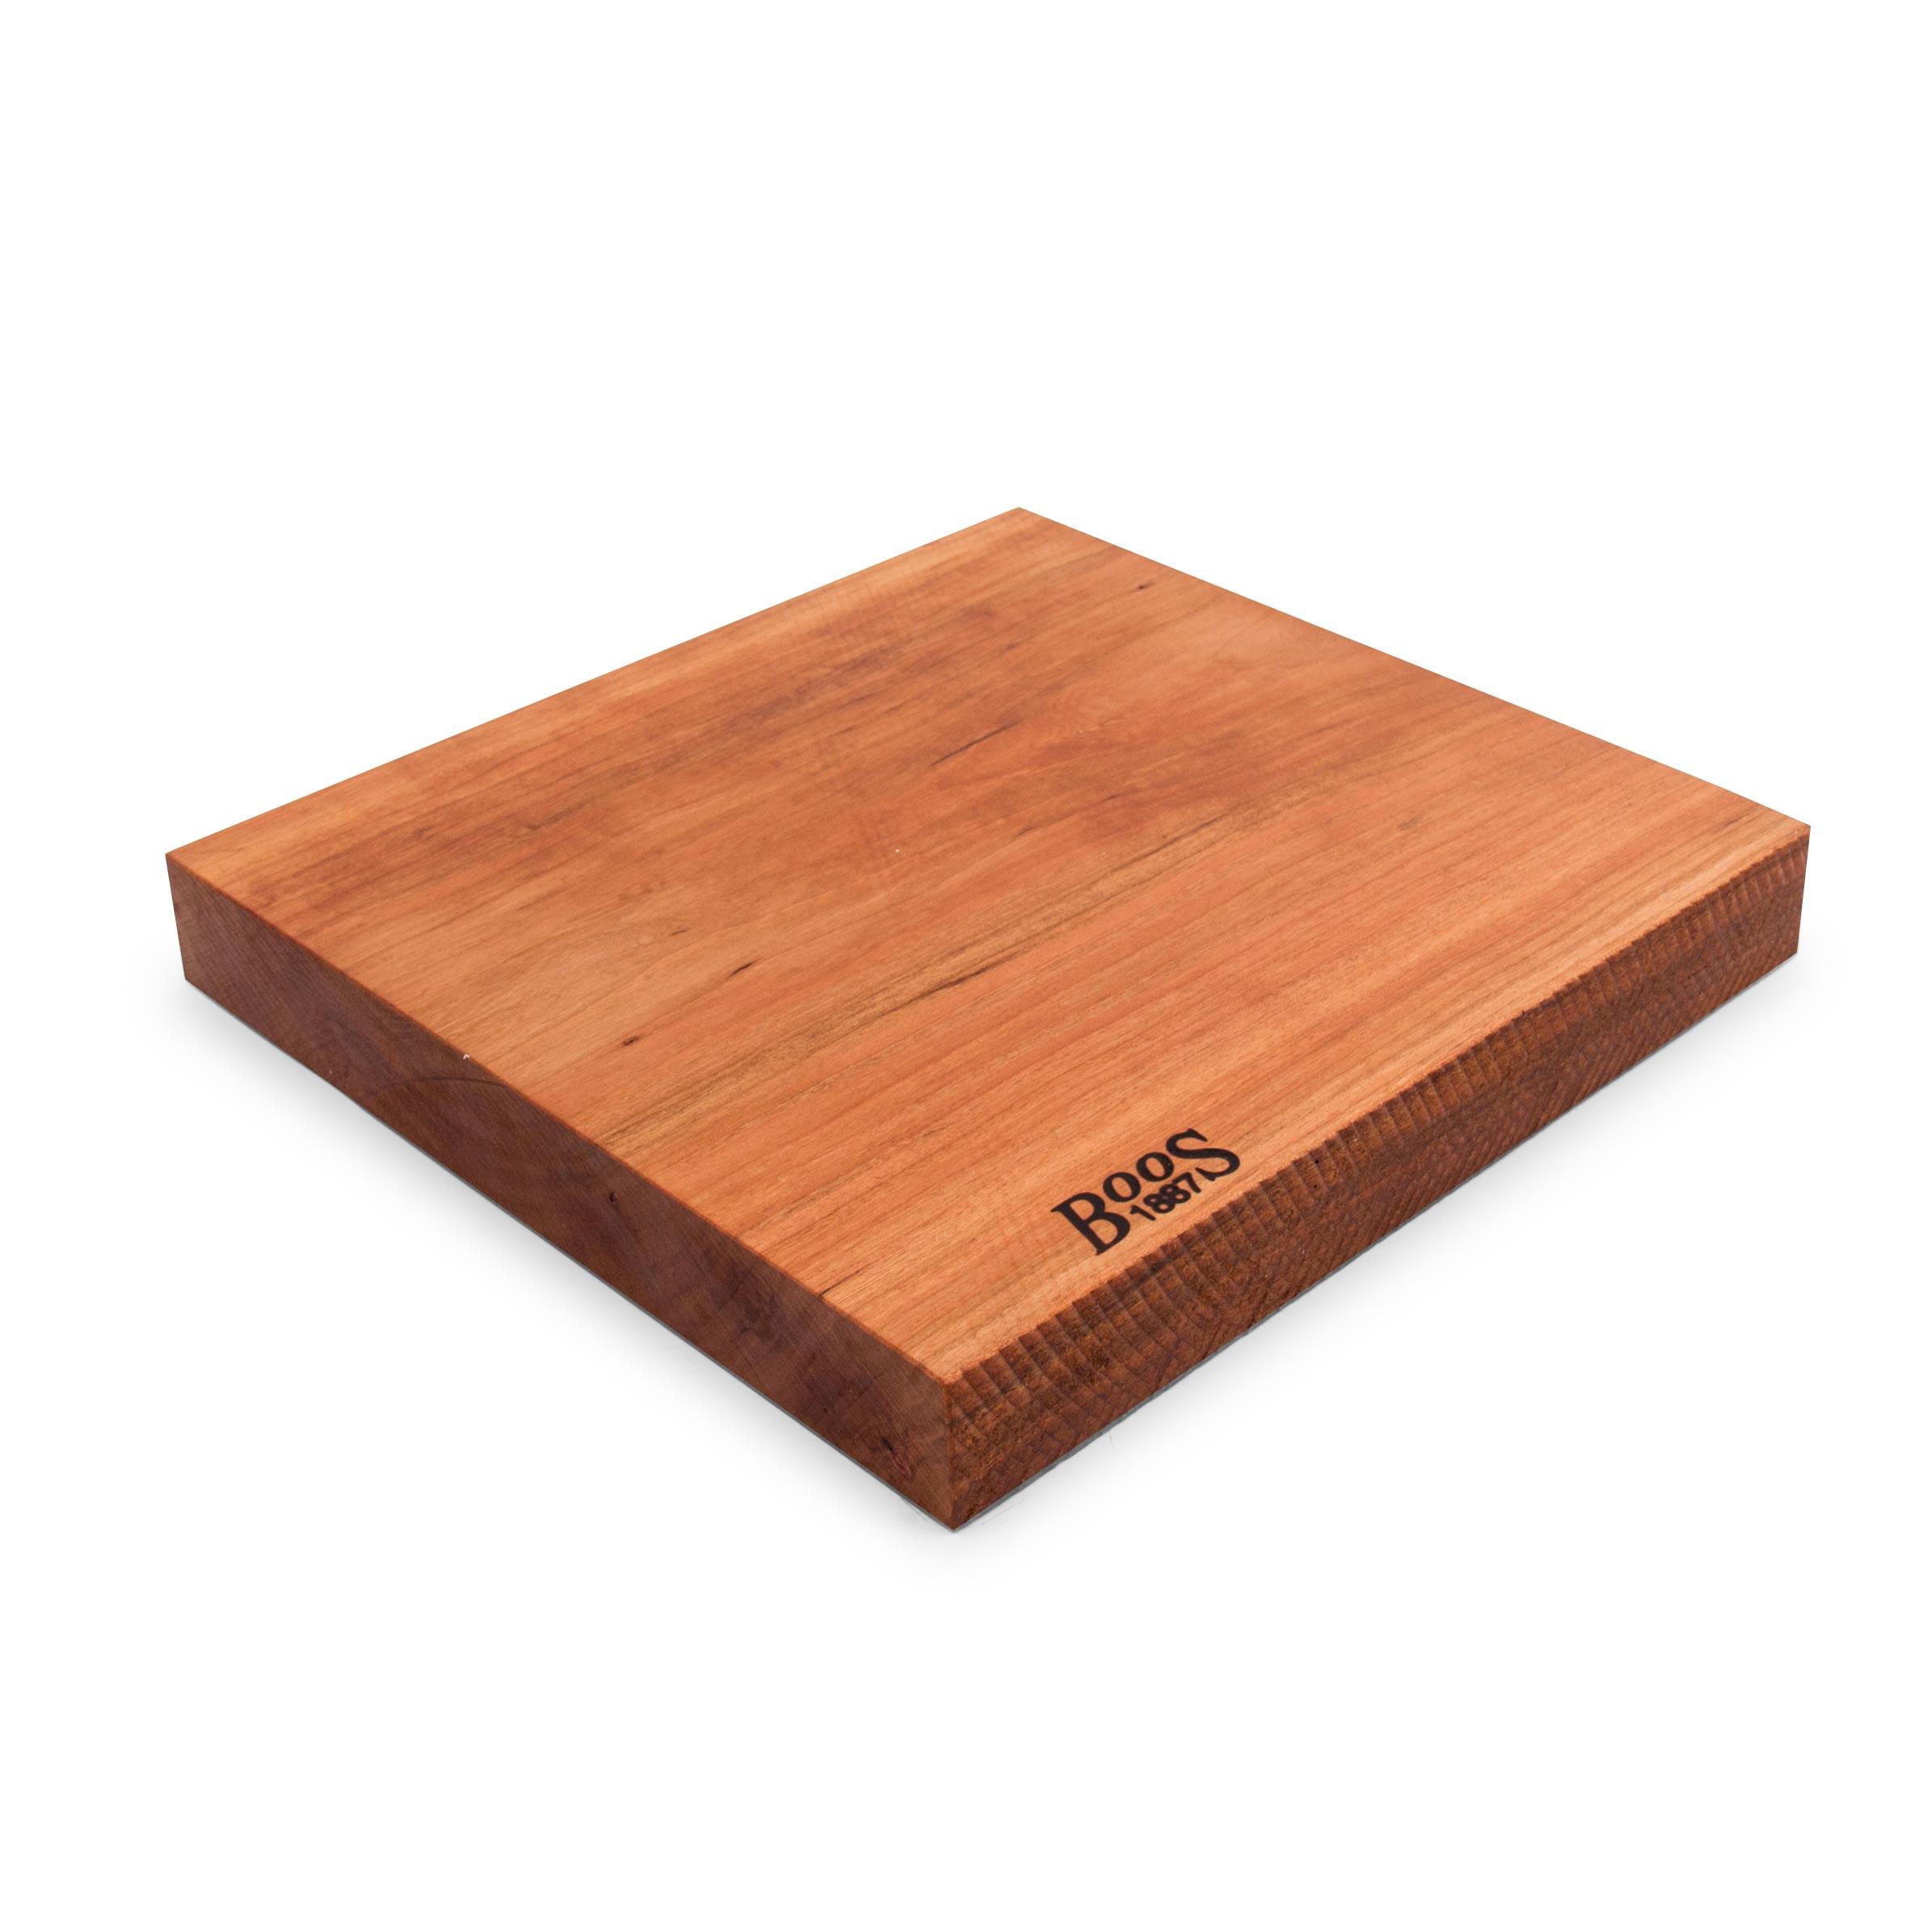 John Boos CHY-RST2112175 cutting board, wood